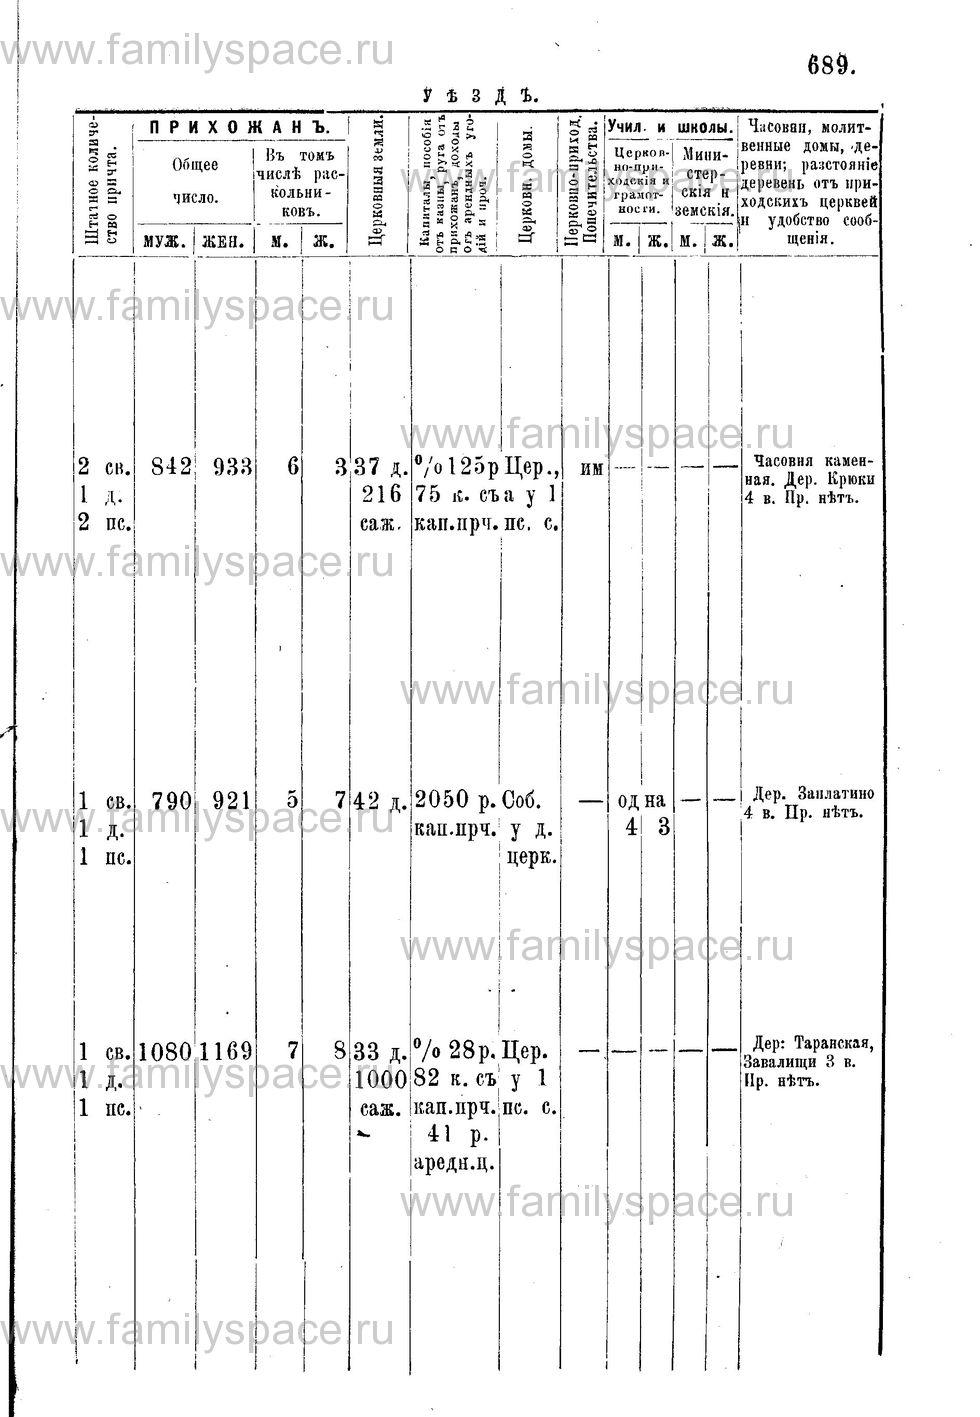 Поиск по фамилии - Адрес-календарь Нижегородской епархии на 1888 год, страница 1689